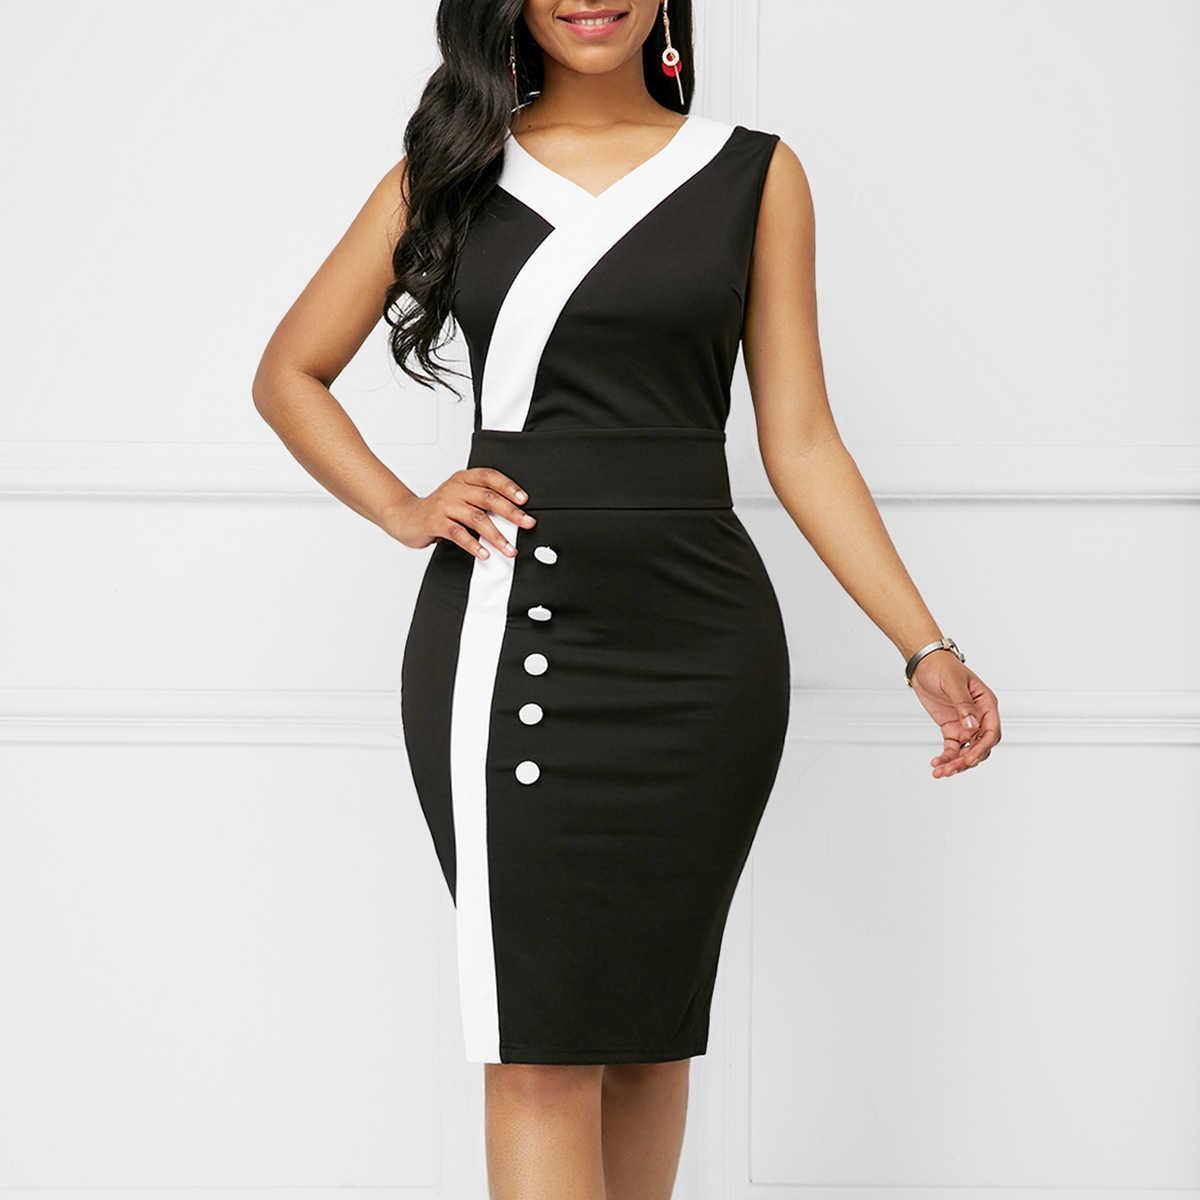 Patchwork noir blanc robe d'été femmes 2019 décontracté grande taille mince bureau robes moulantes élégant Sexy col en V Midi robe de soirée